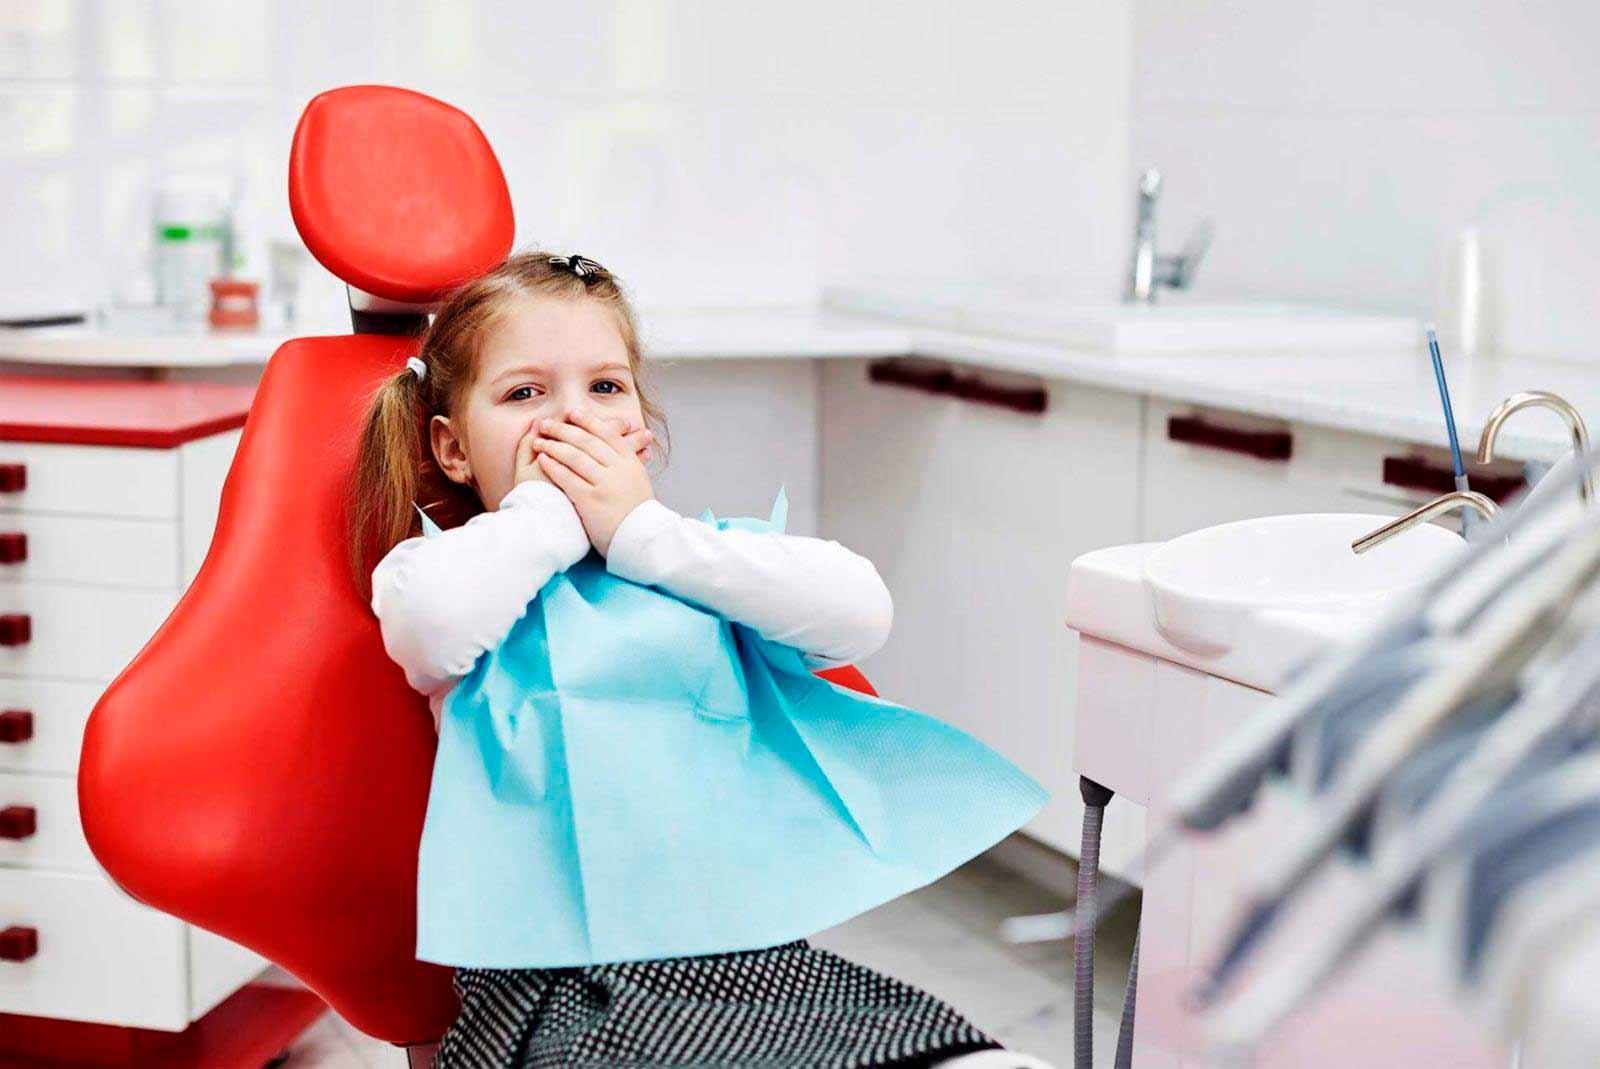 És lògic que el nen tingui por al dentista?